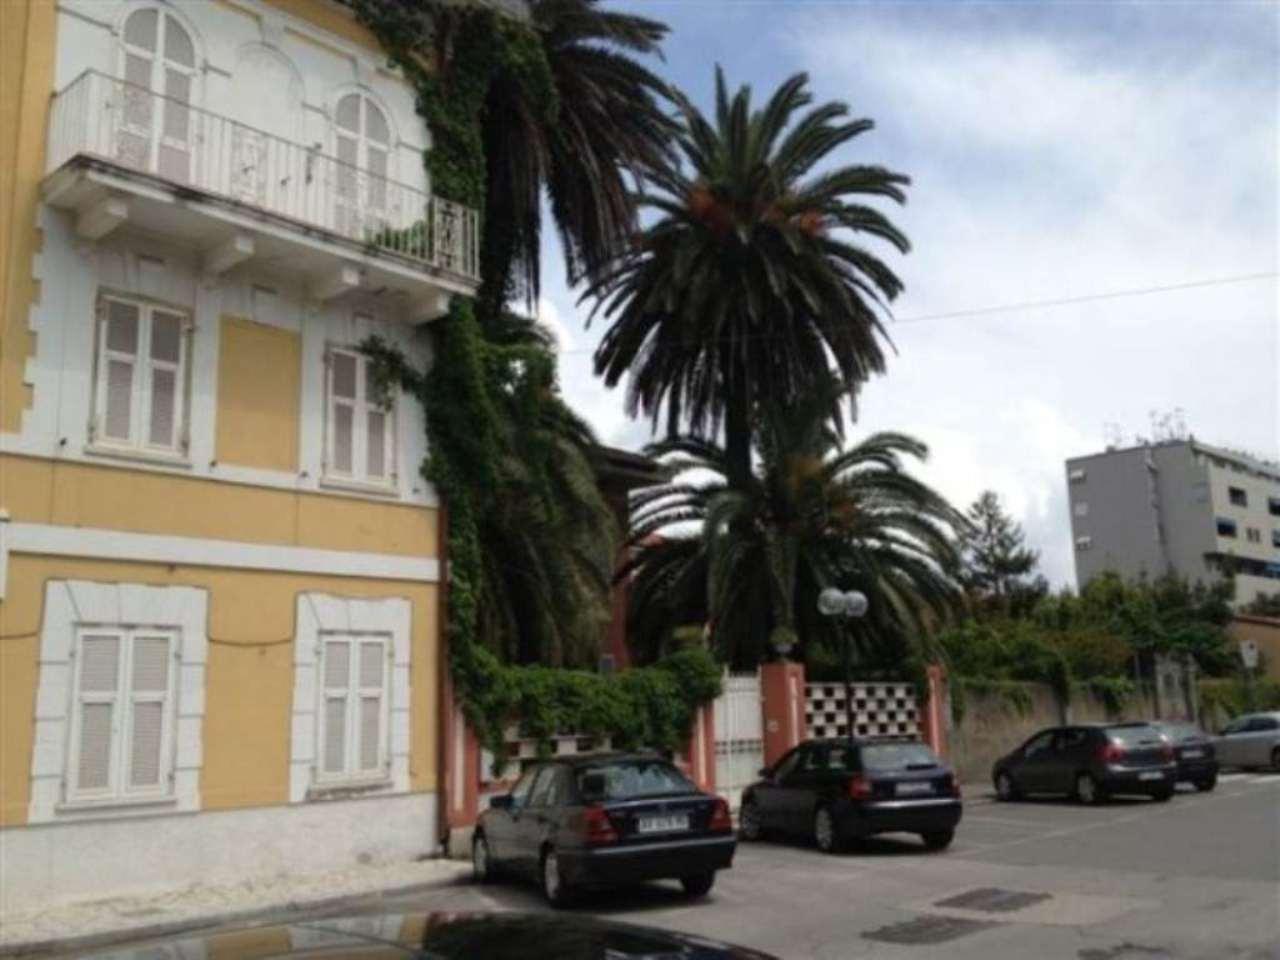 Albergo in vendita a Carrara, 6 locali, prezzo € 2.200.000 | Cambio Casa.it